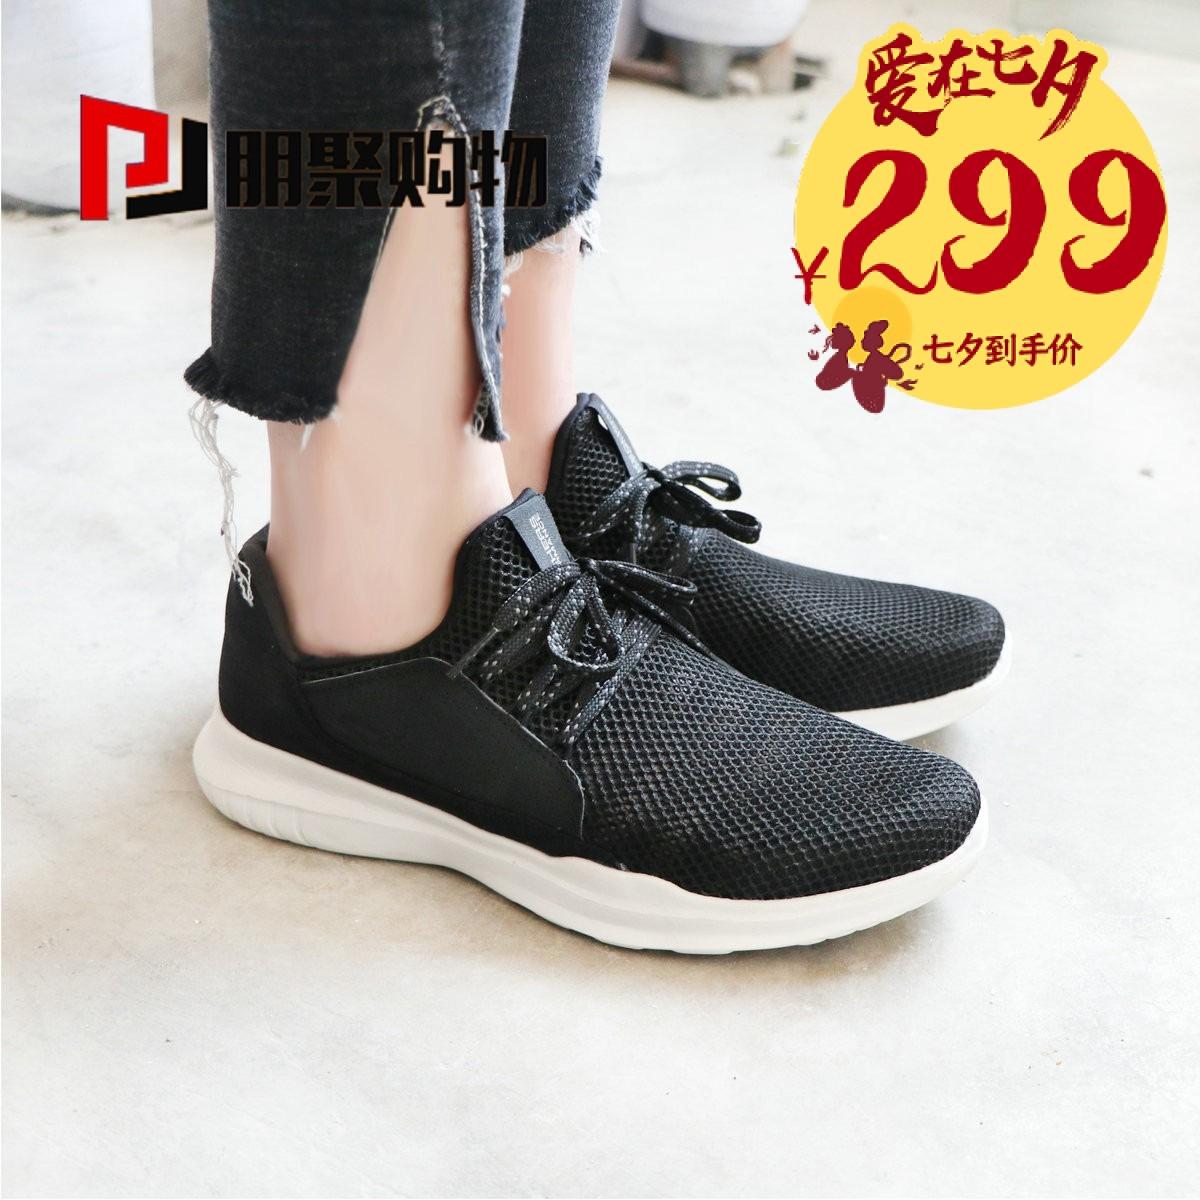 朋聚 Skechers斯凯奇女鞋 18年新款舒适休闲运动鞋 14818